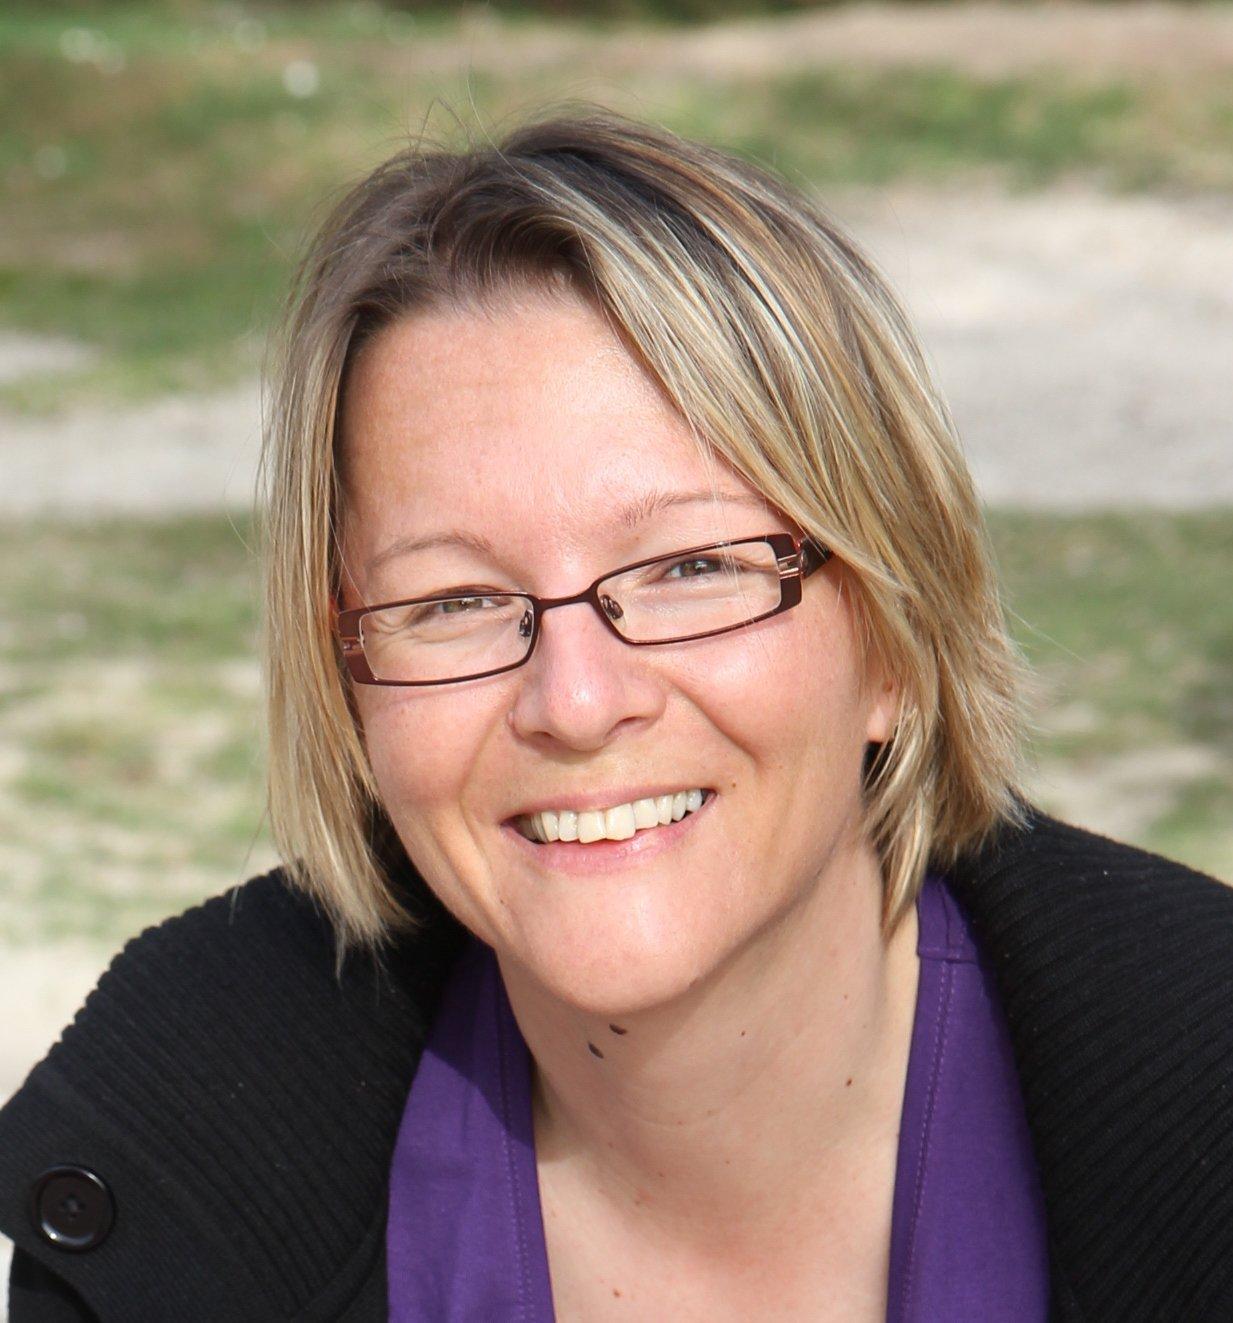 Eva Spiessberger